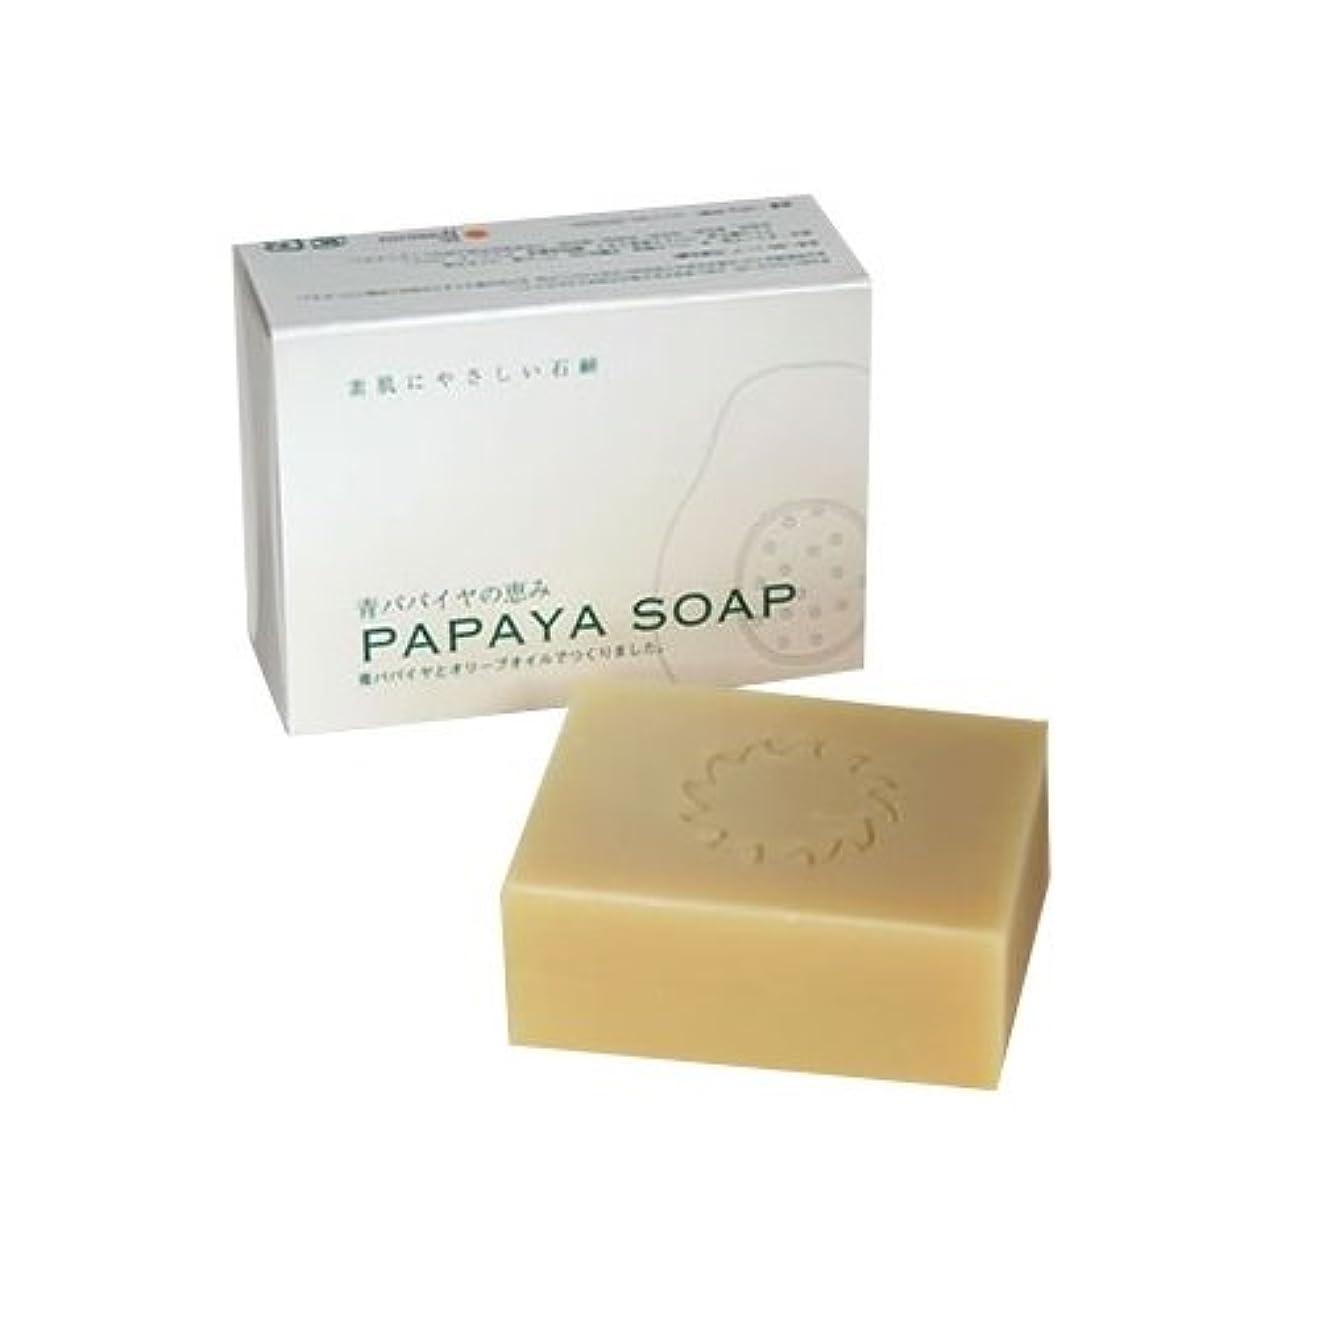 未接続固体代理人青パパイヤの恵み PAPAYA SOAP(パパイヤソープ) 100g